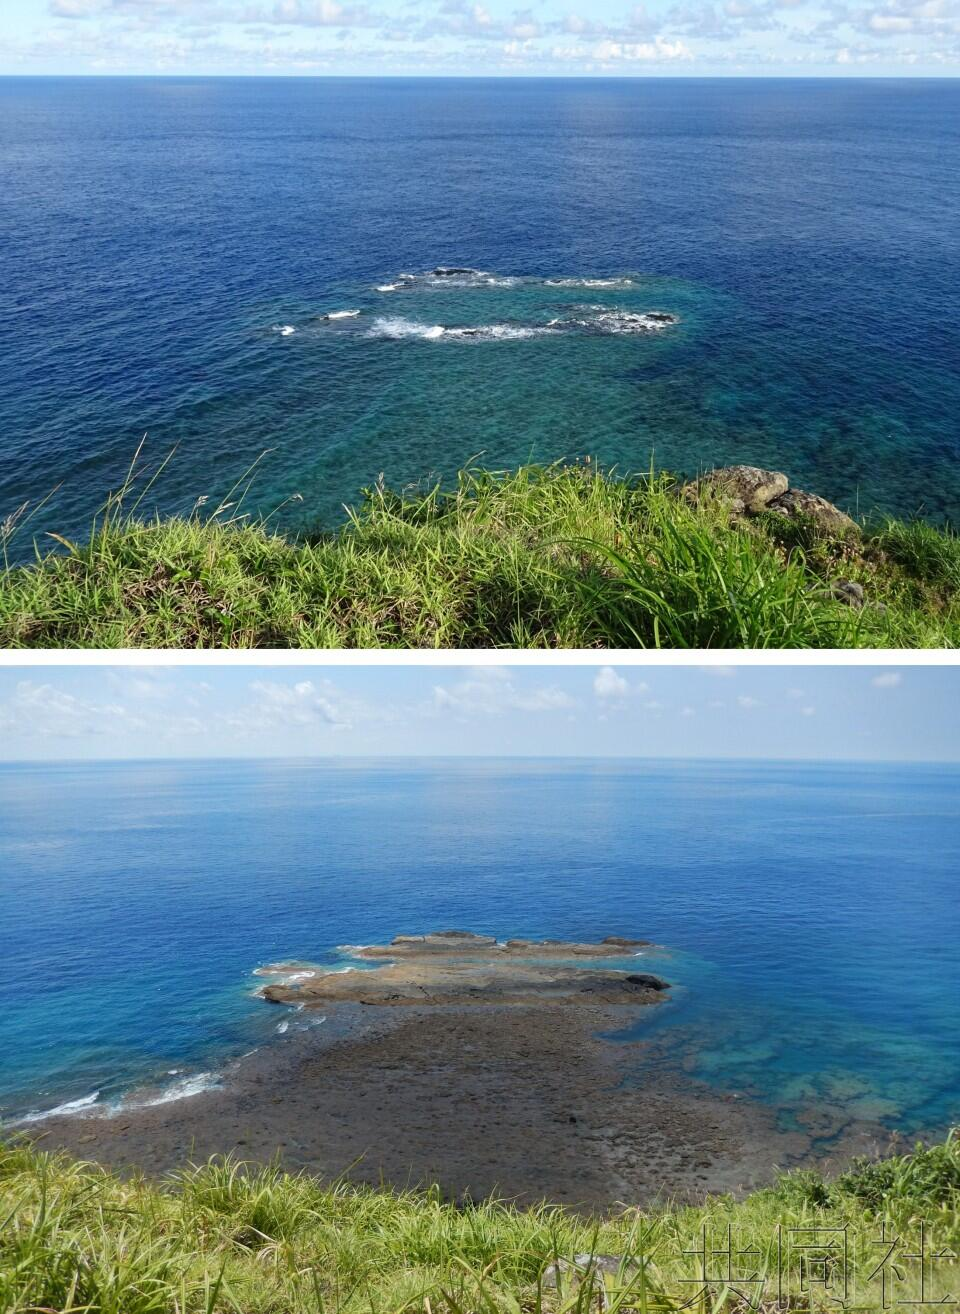 凭借与那国岛岩石扩大领海面积,日本国土又向西推移260米_德国新闻_德国中文网